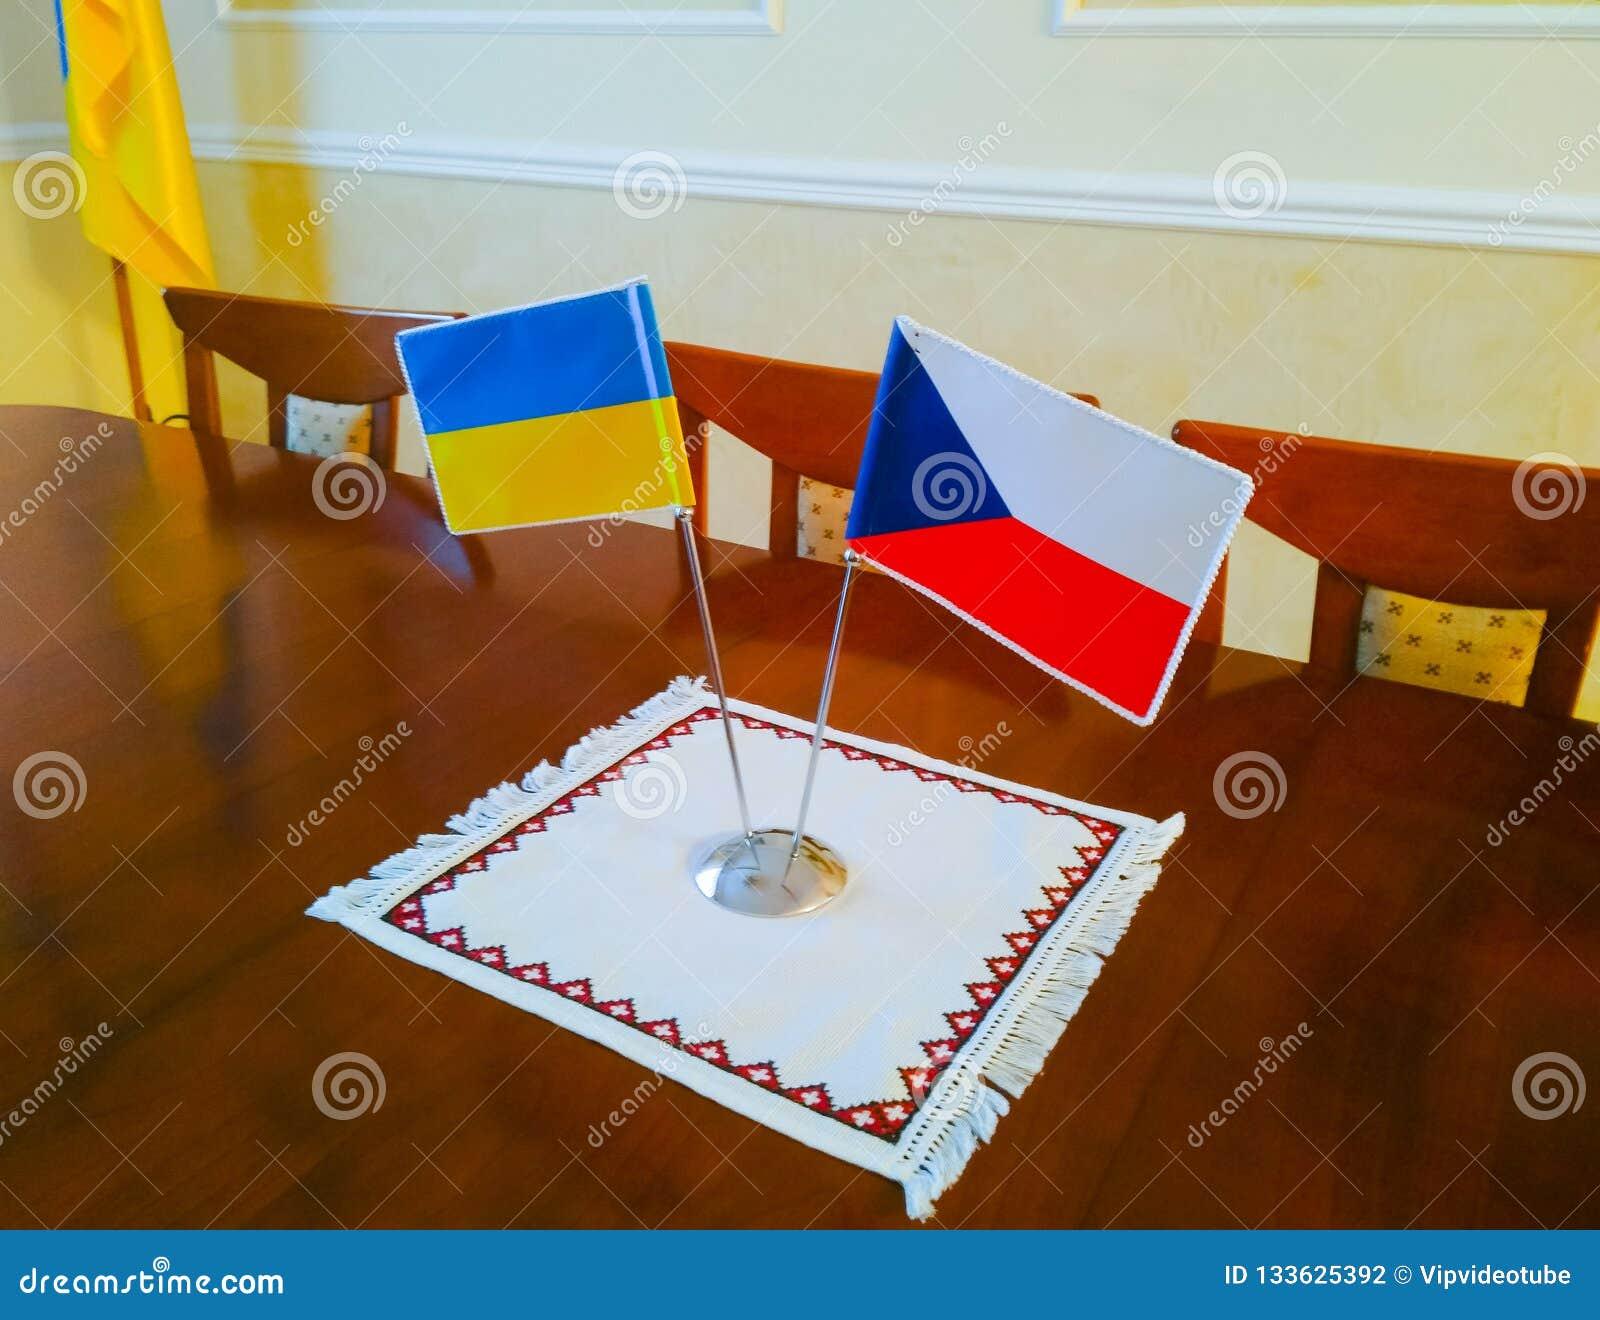 Bandiere dell Ucraina e della repubblica Ceca sulla tavola